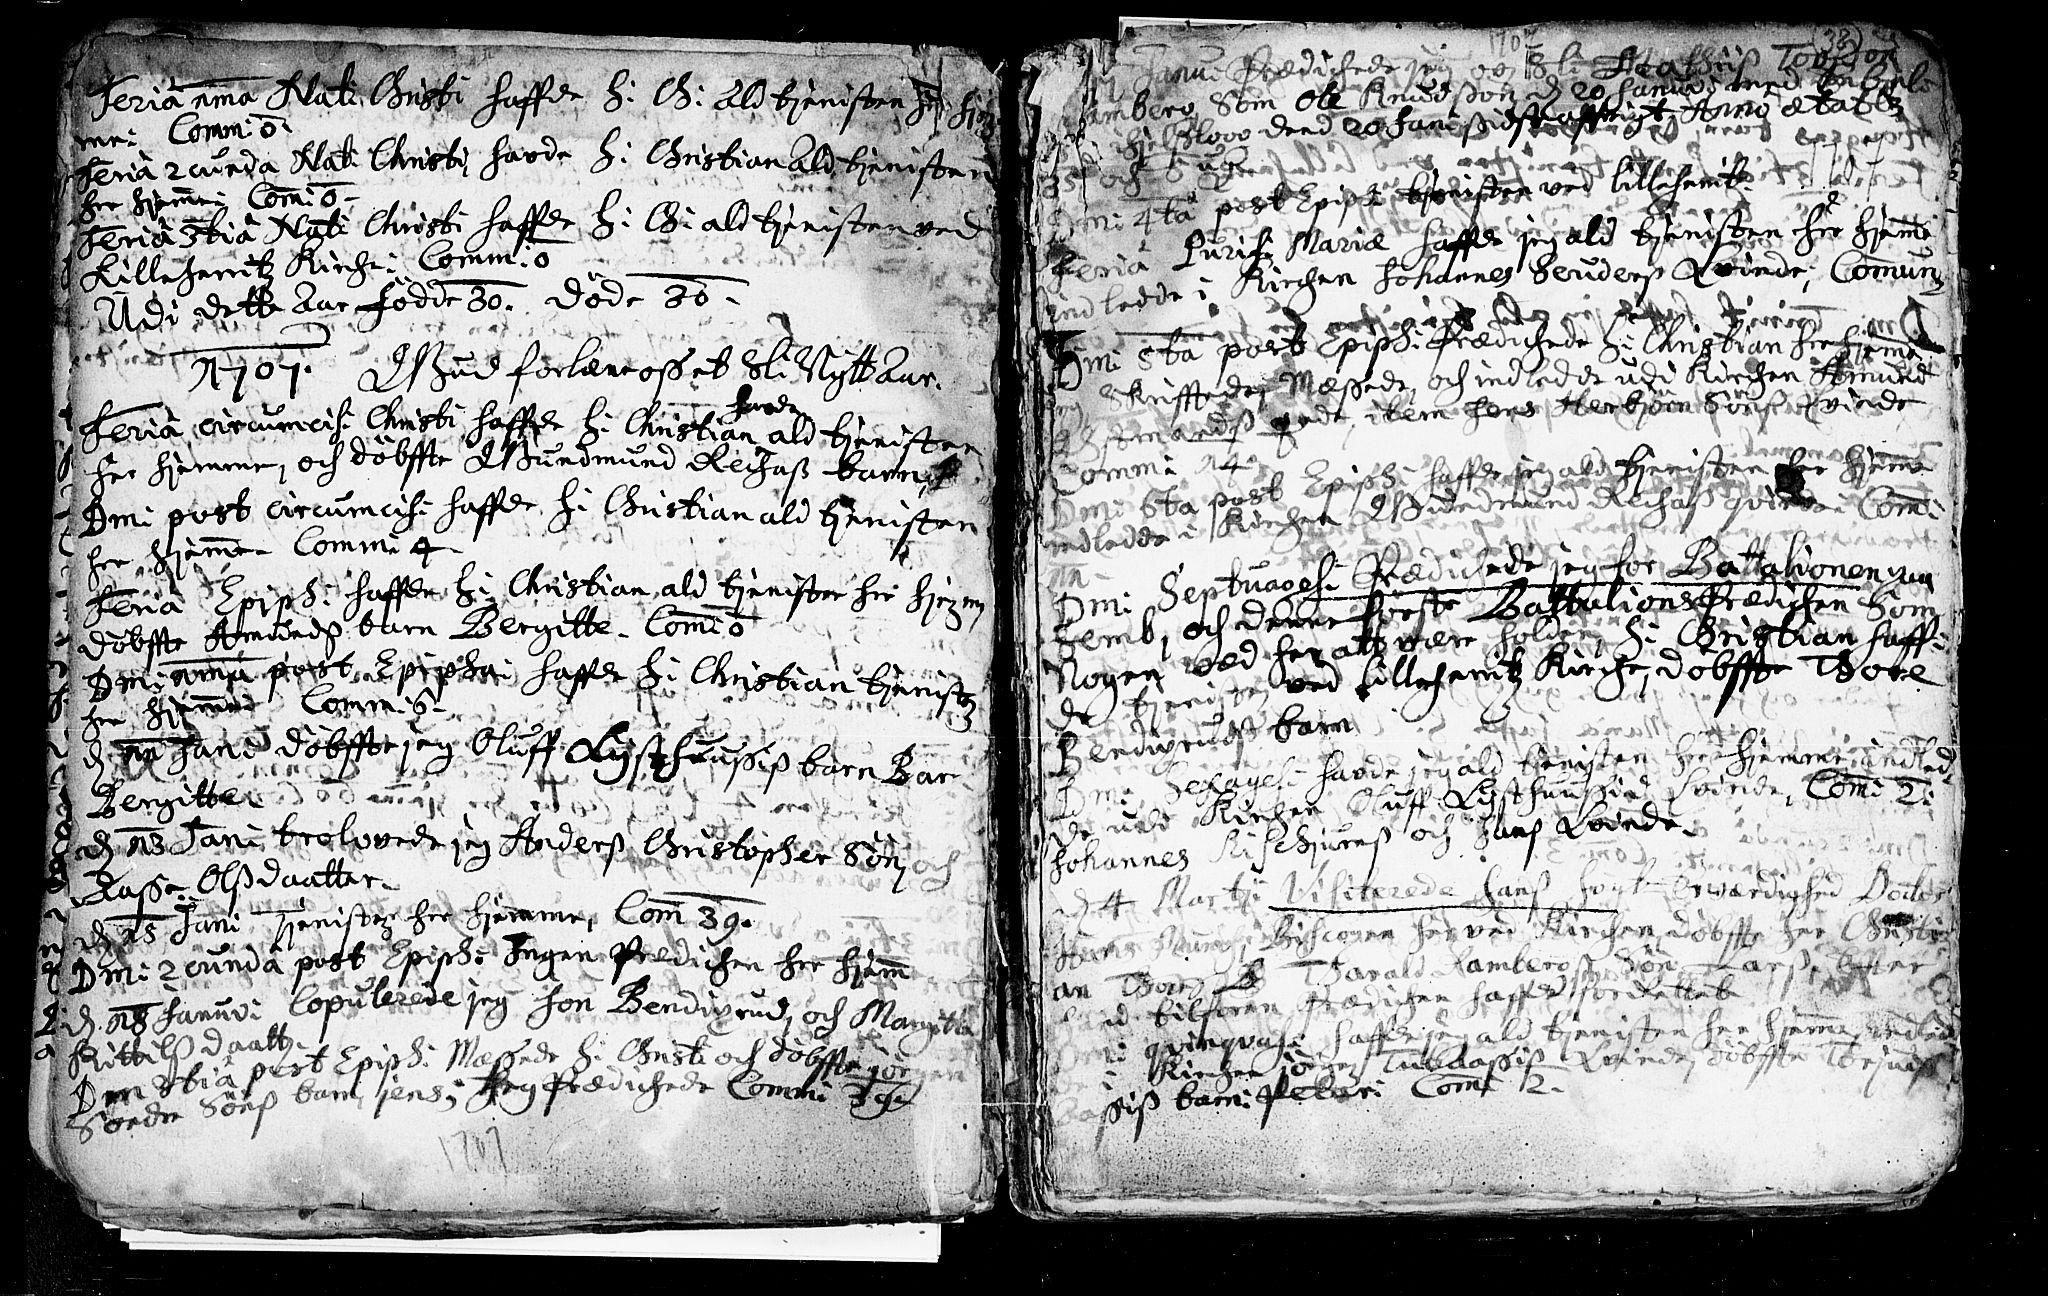 SAKO, Heddal kirkebøker, F/Fa/L0002: Ministerialbok nr. I 2, 1699-1722, s. 38